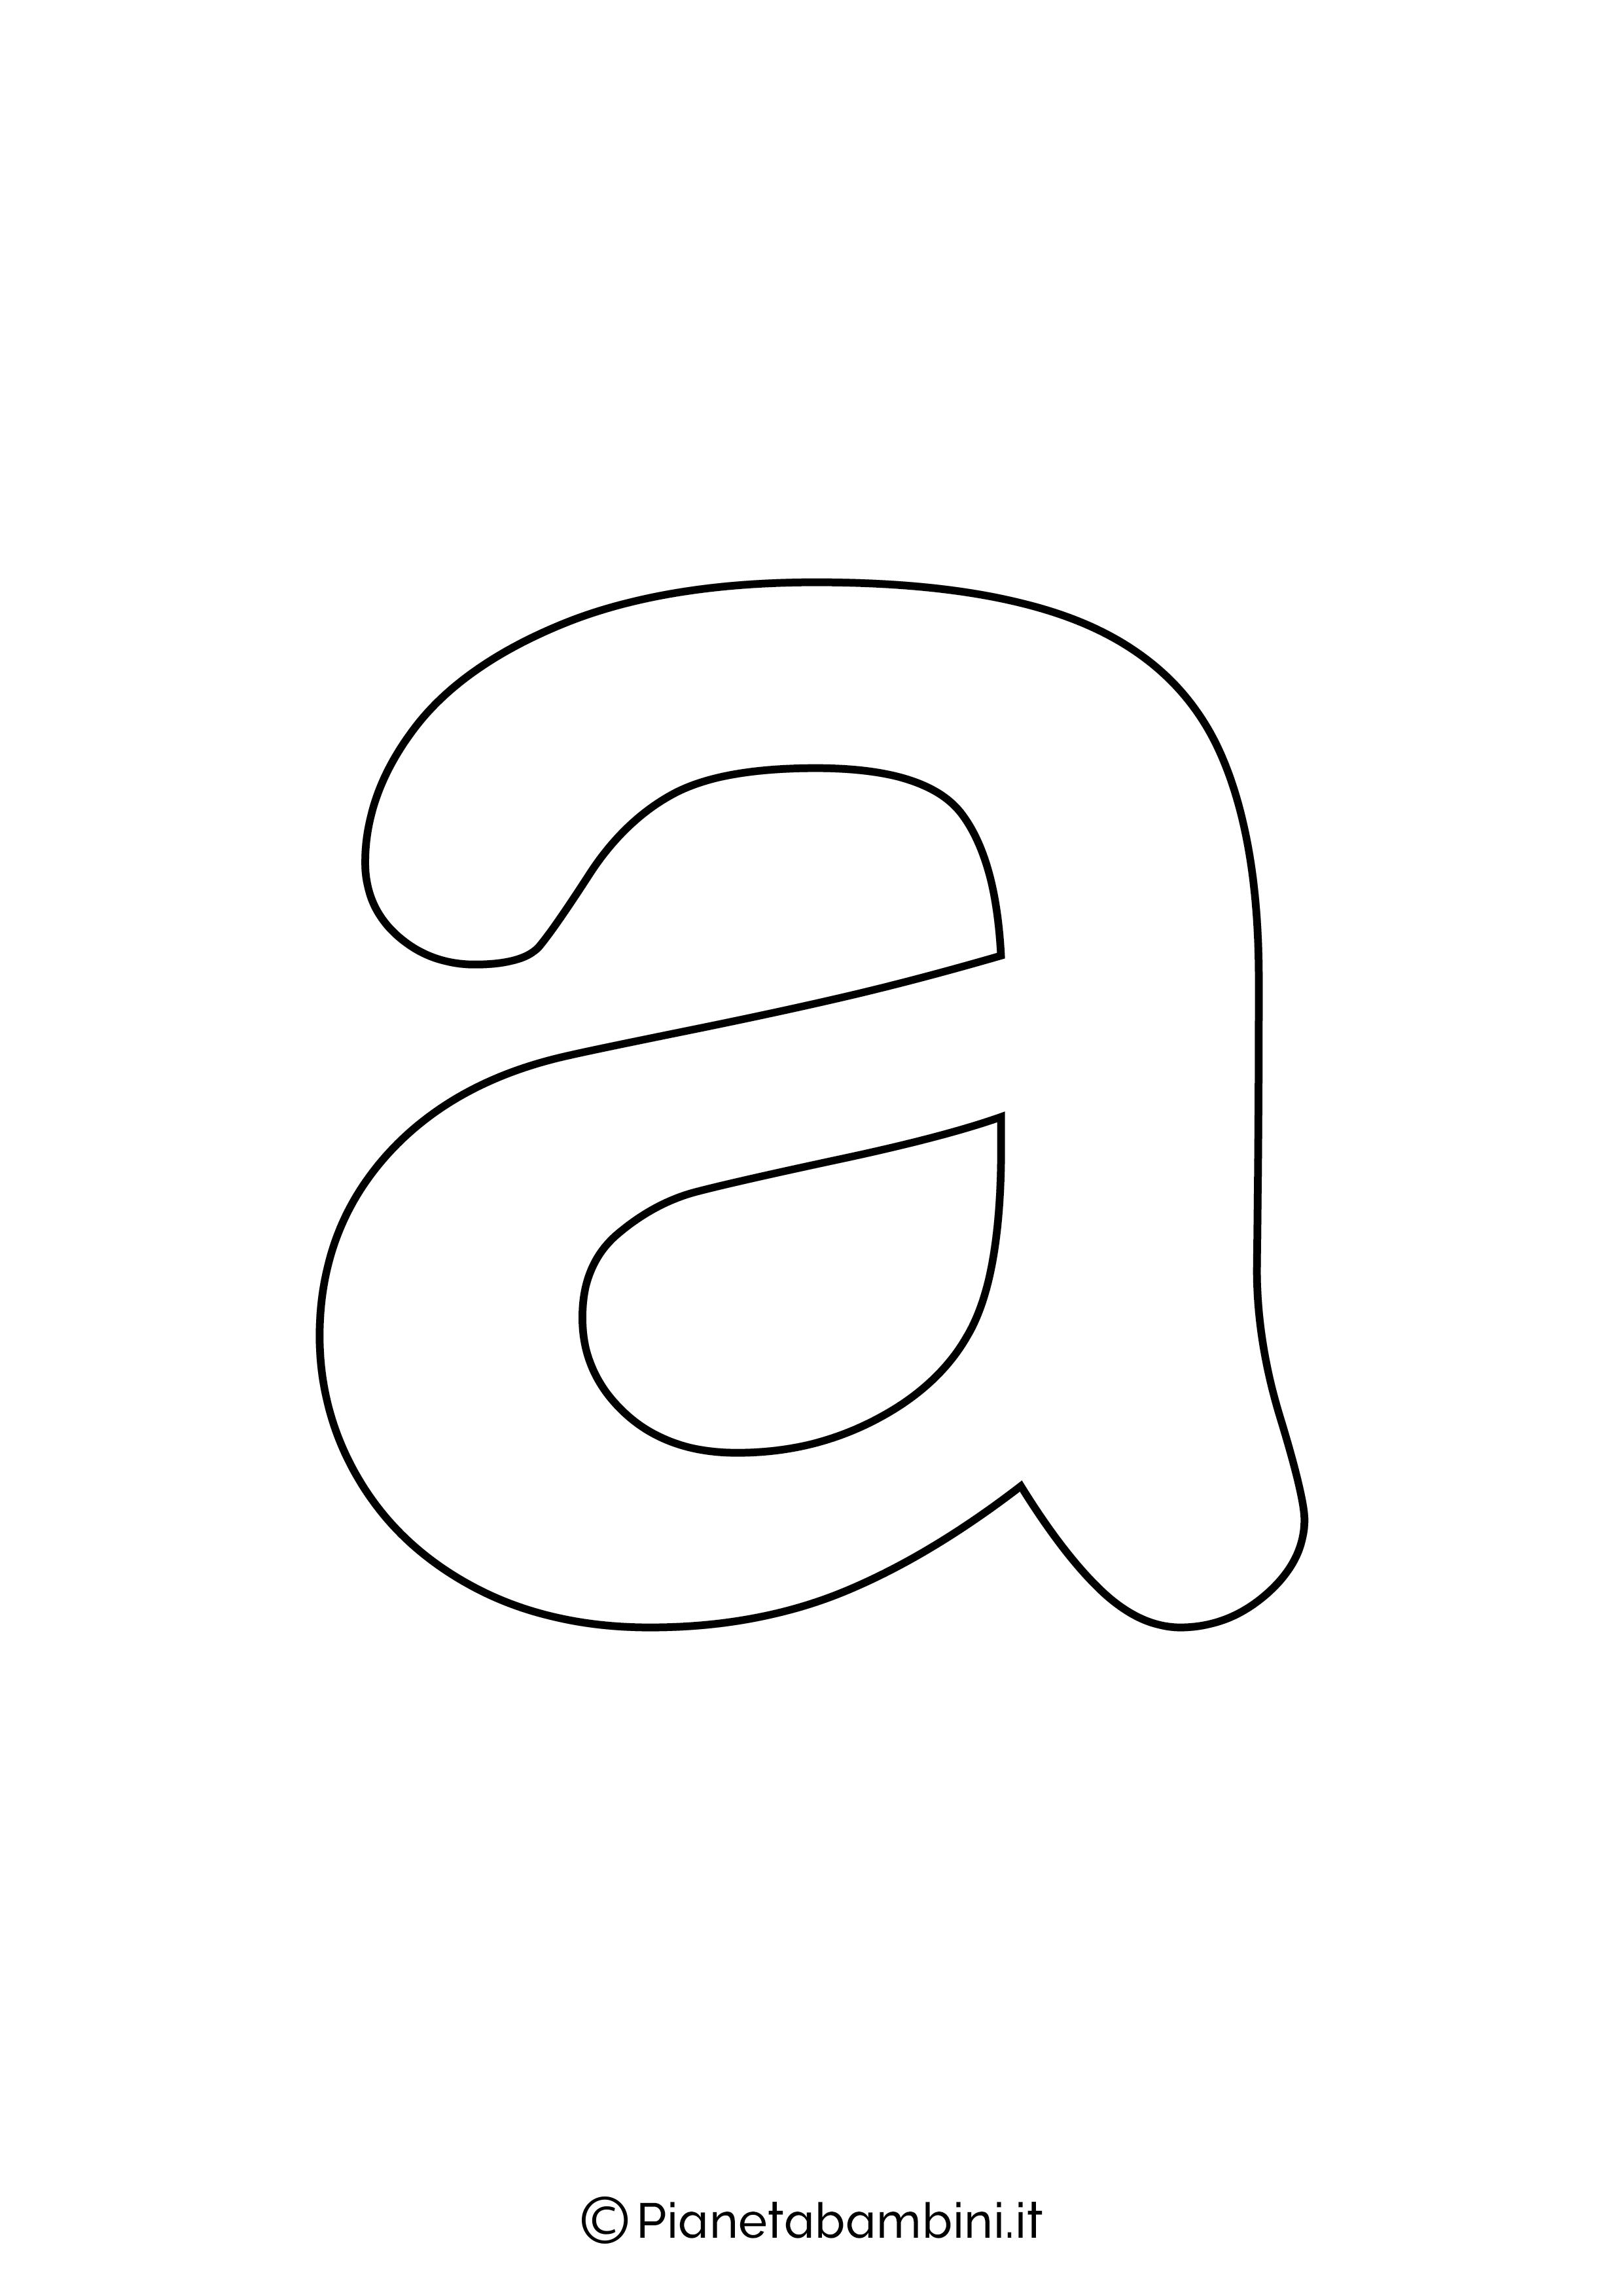 Lettera A minuscola da stampare